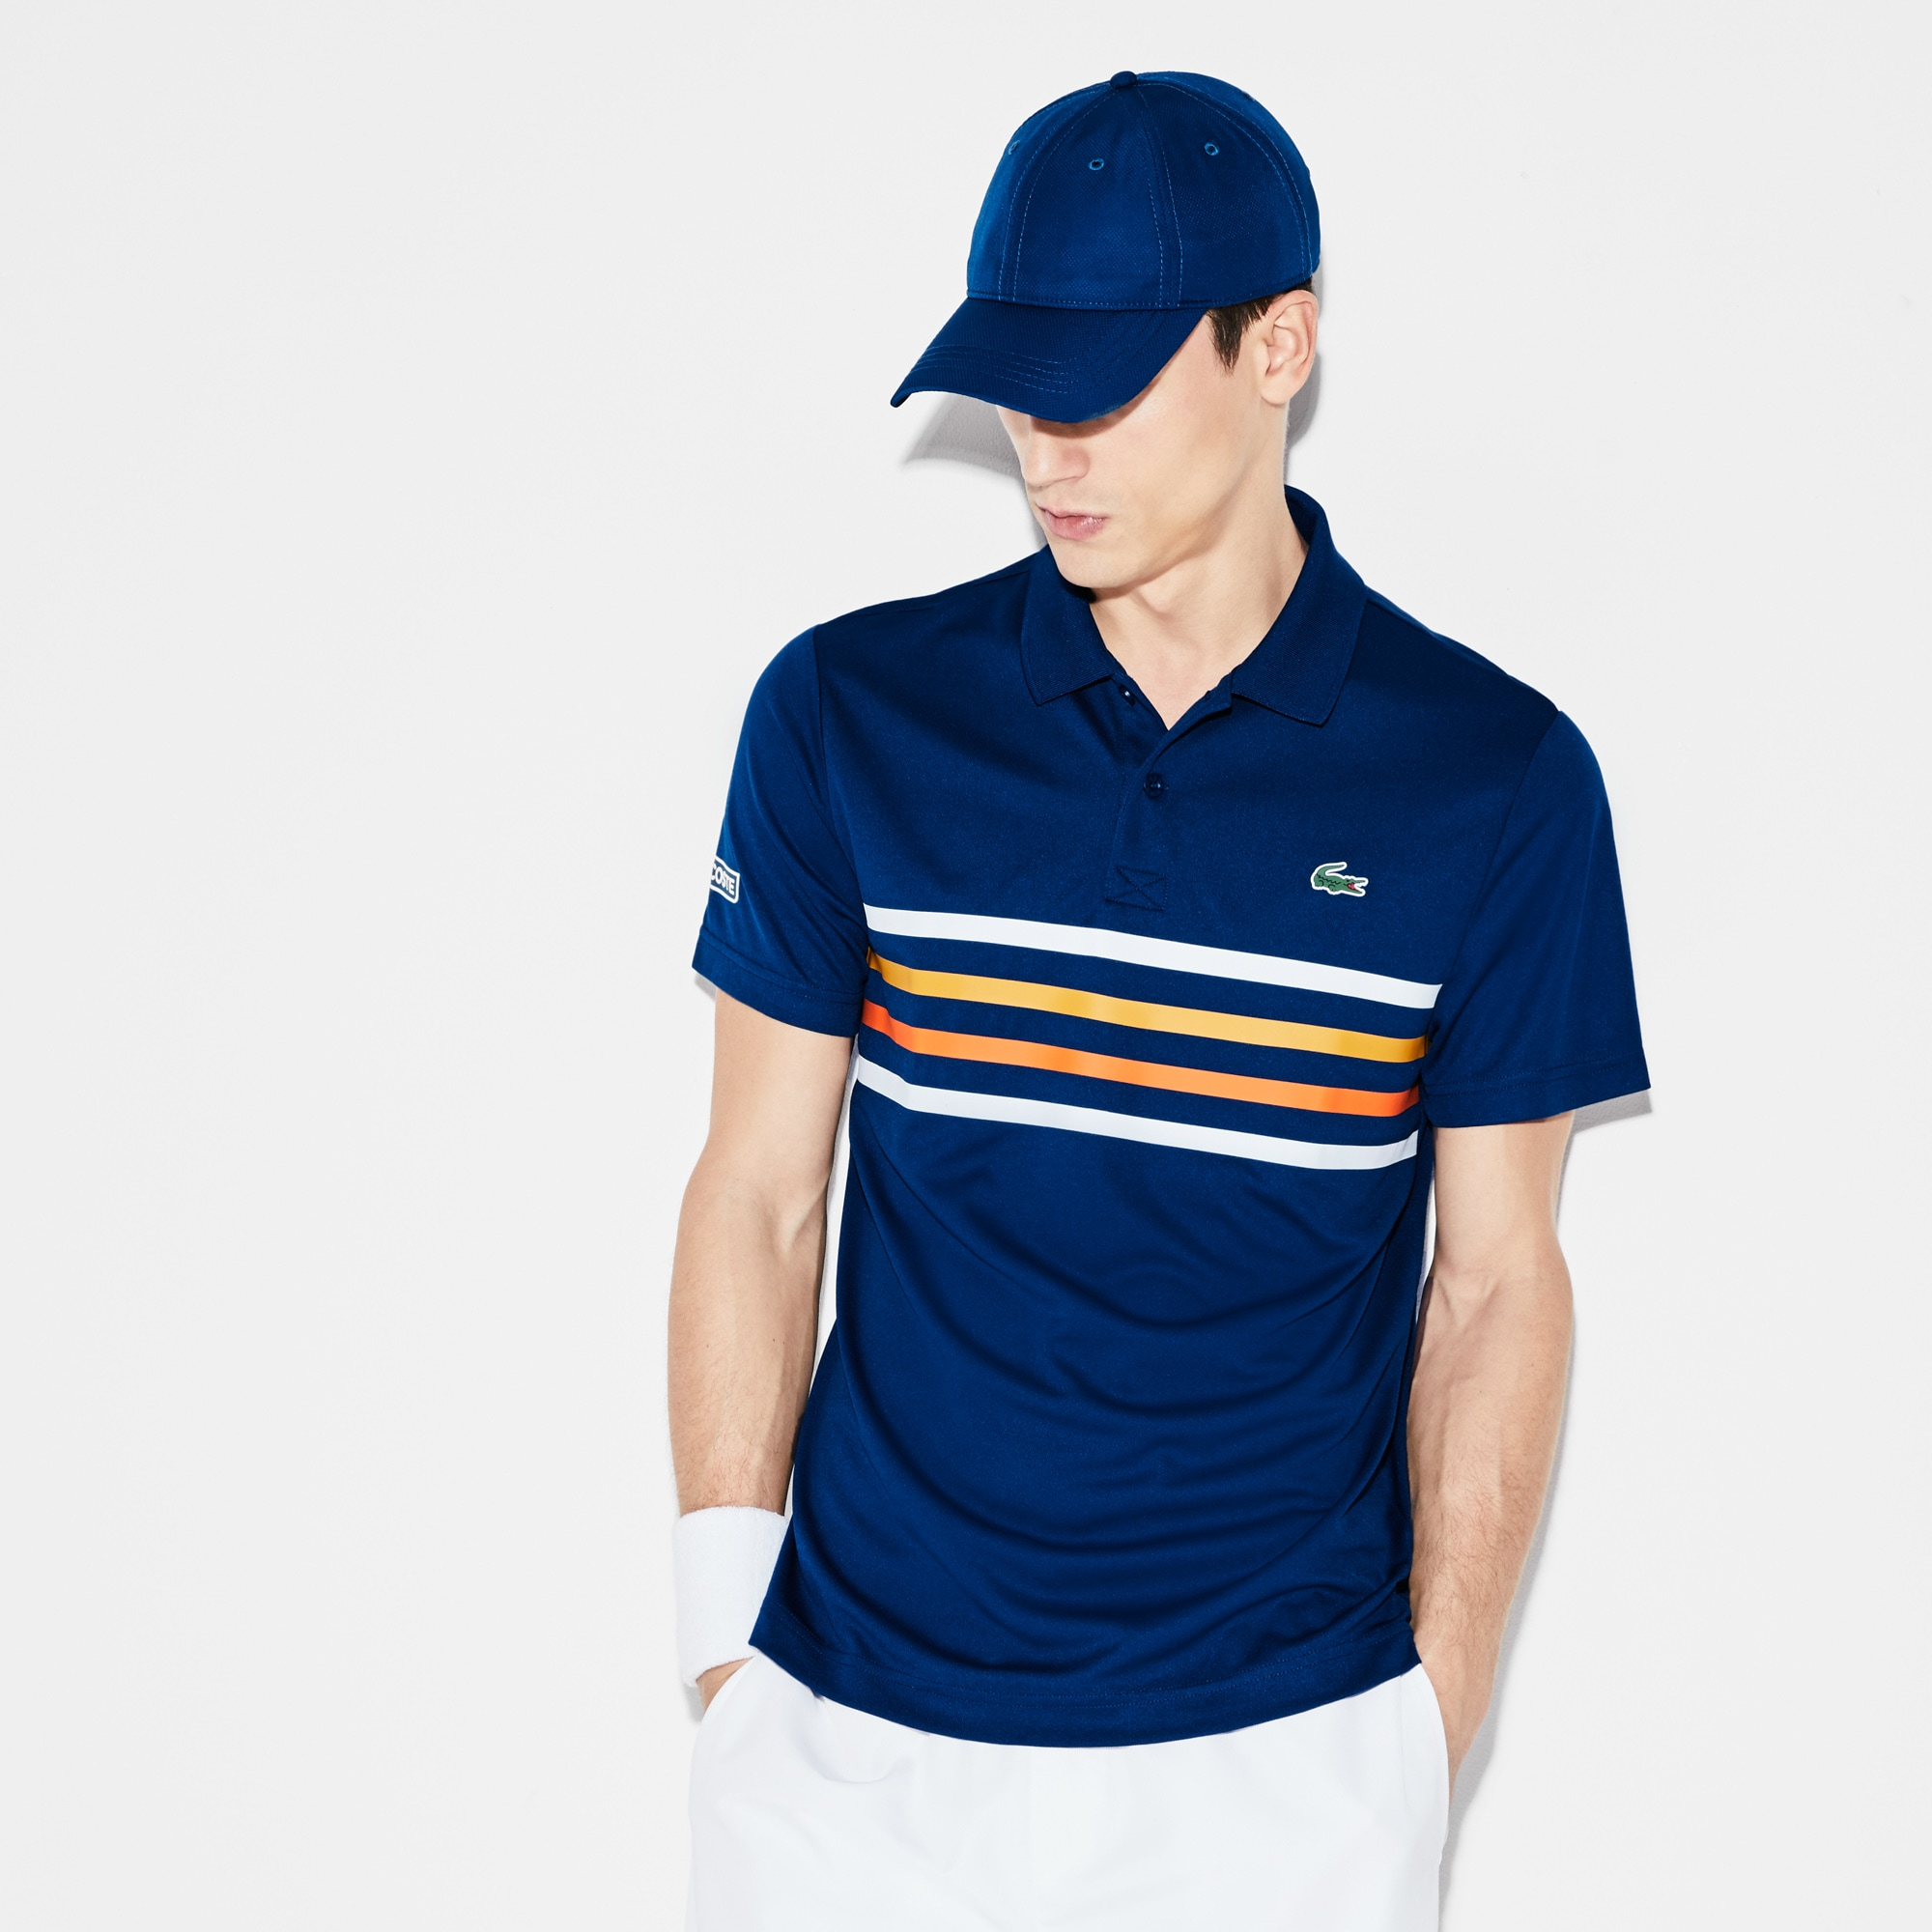 Polo Hombre Tenis Lacoste Sport Con Franjas De Colores